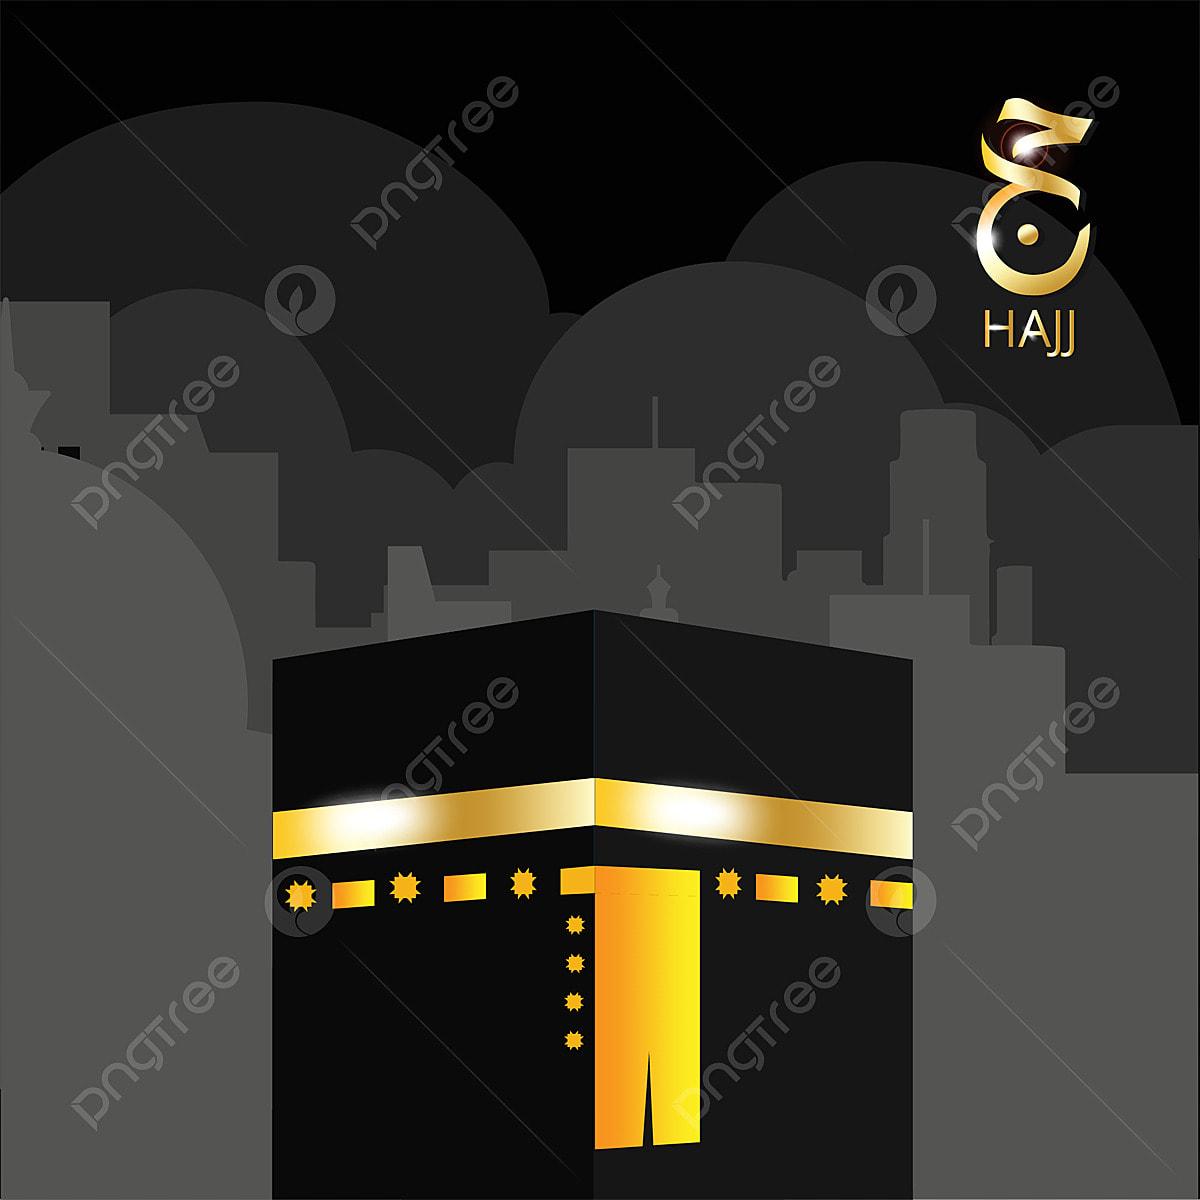 kabah png images vector and psd files free download on pngtree https pngtree com freepng paper illustration on kabah hajj celebration design 5234671 html